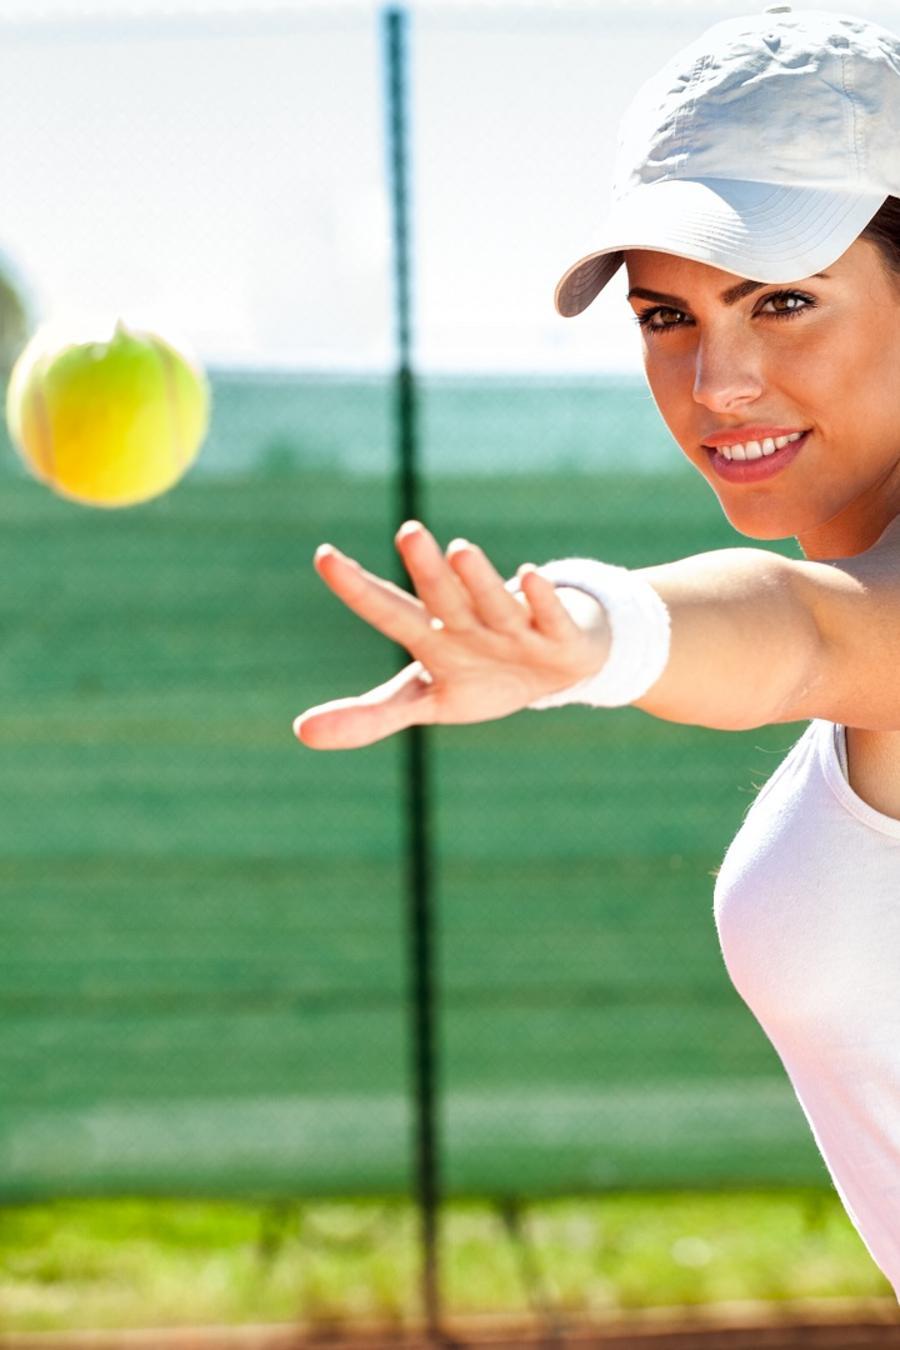 Mujer con gorra y blusa blanca jugando al tenis